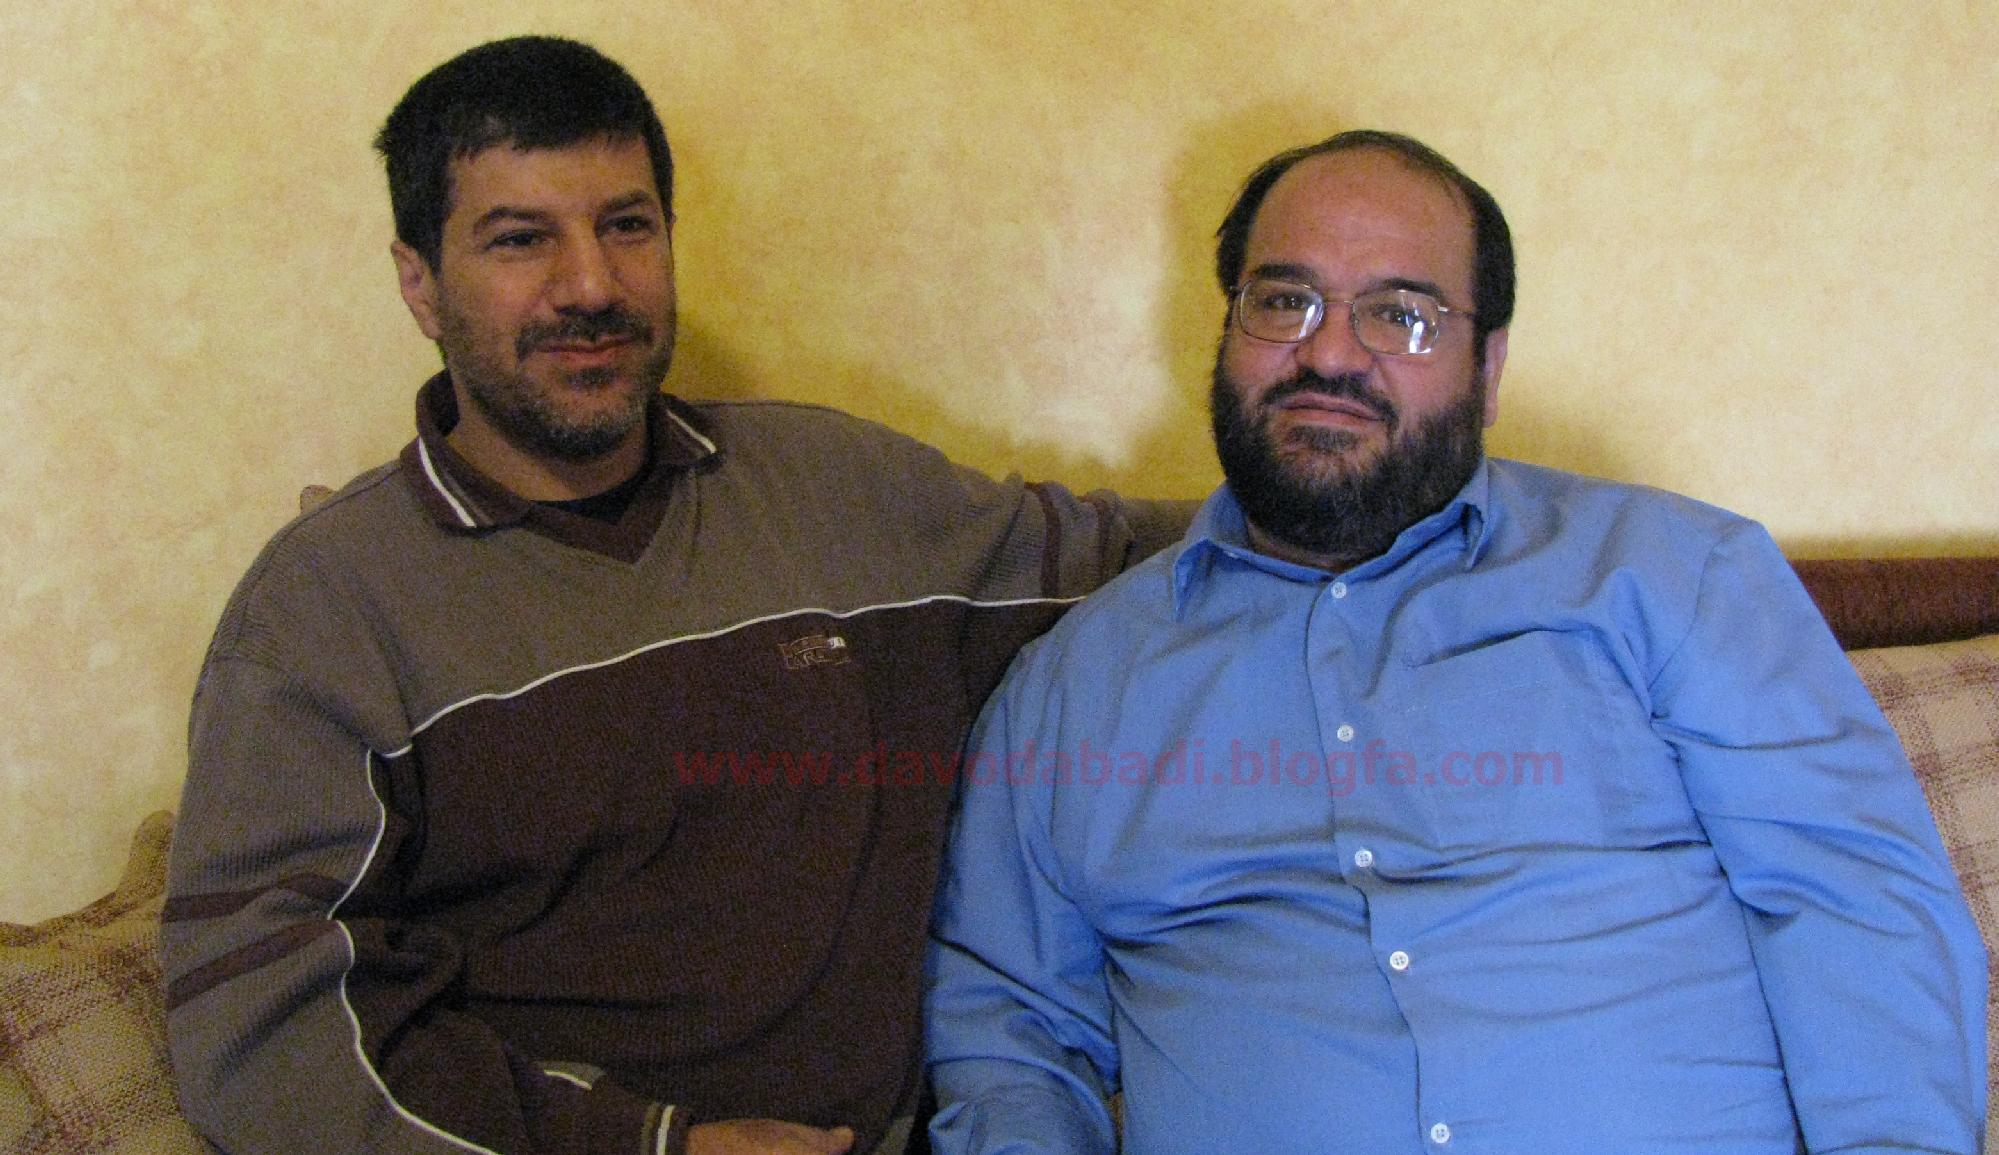 مغز متفکر حزب الله لبنان که بود و چگونه ترور شد؟/ شهیدی که امام خامنهای با او عکس یادگاری گرفت